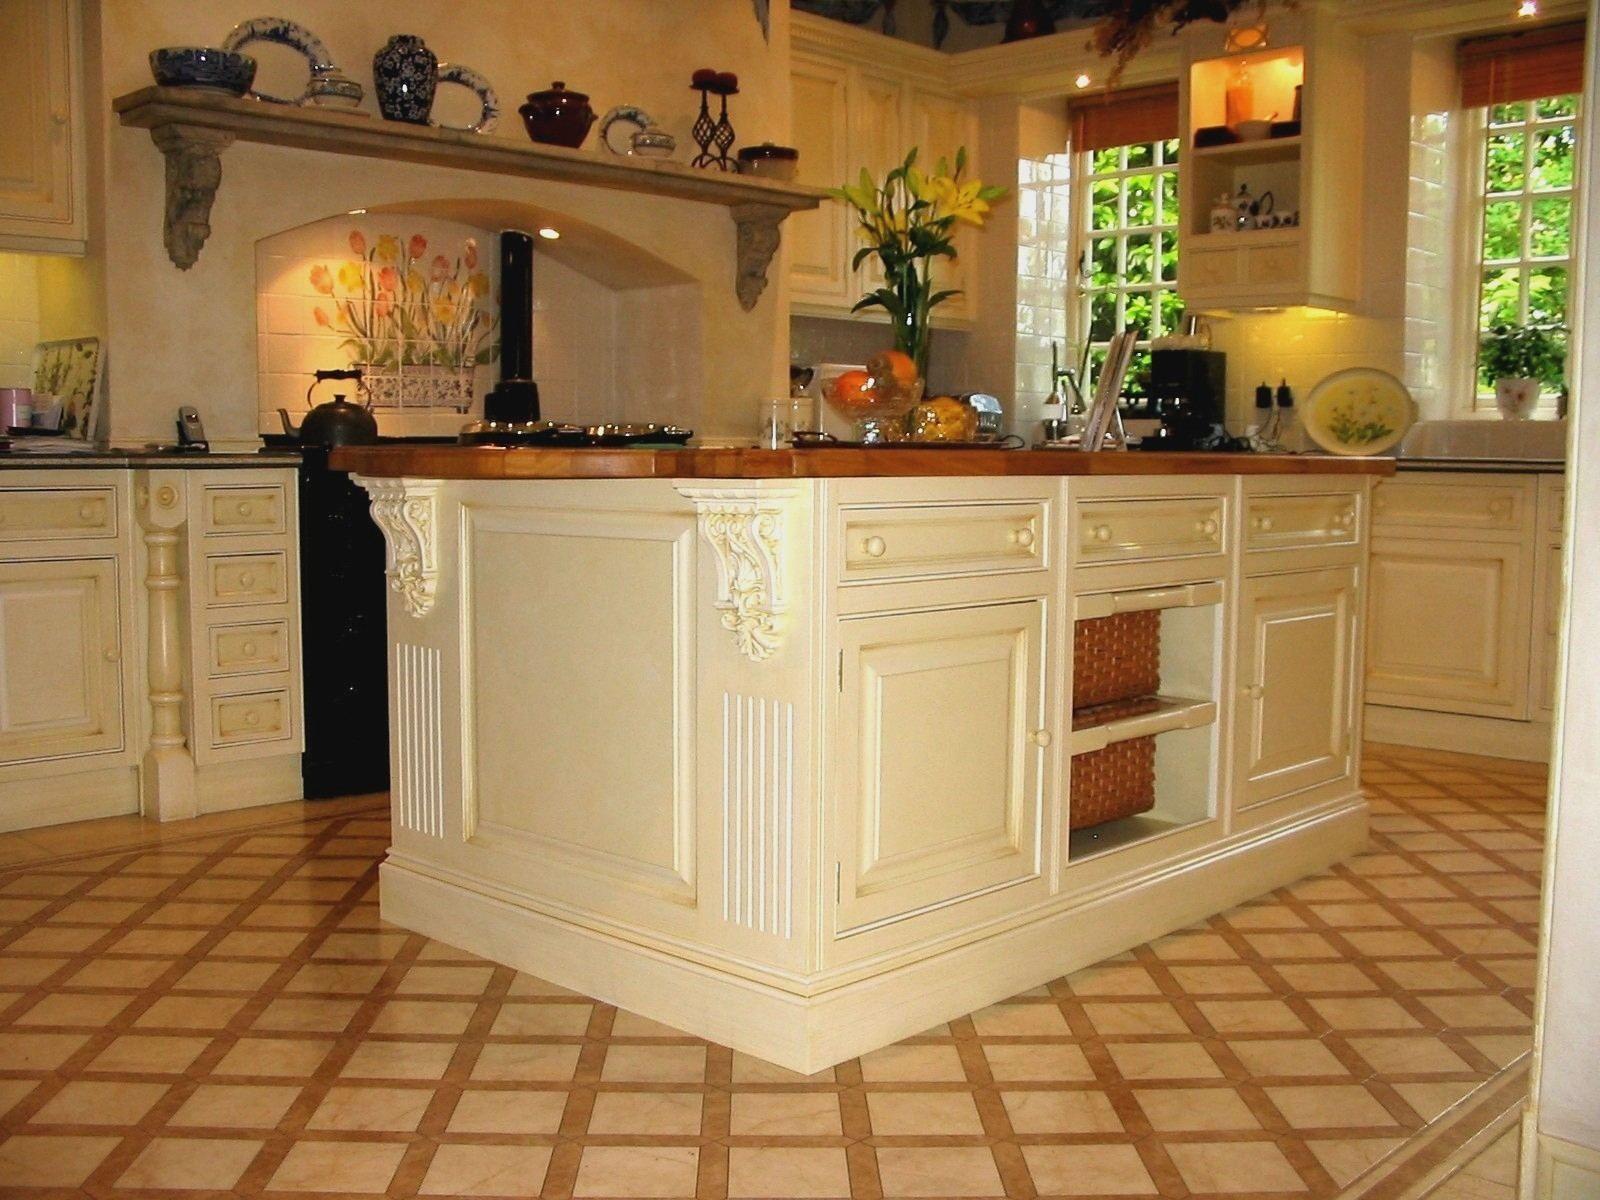 Kitchen Design Ideas Uk 2015 Kitchen Shelf Design Kitchen Design Traditional White Traditional Kitchen Design